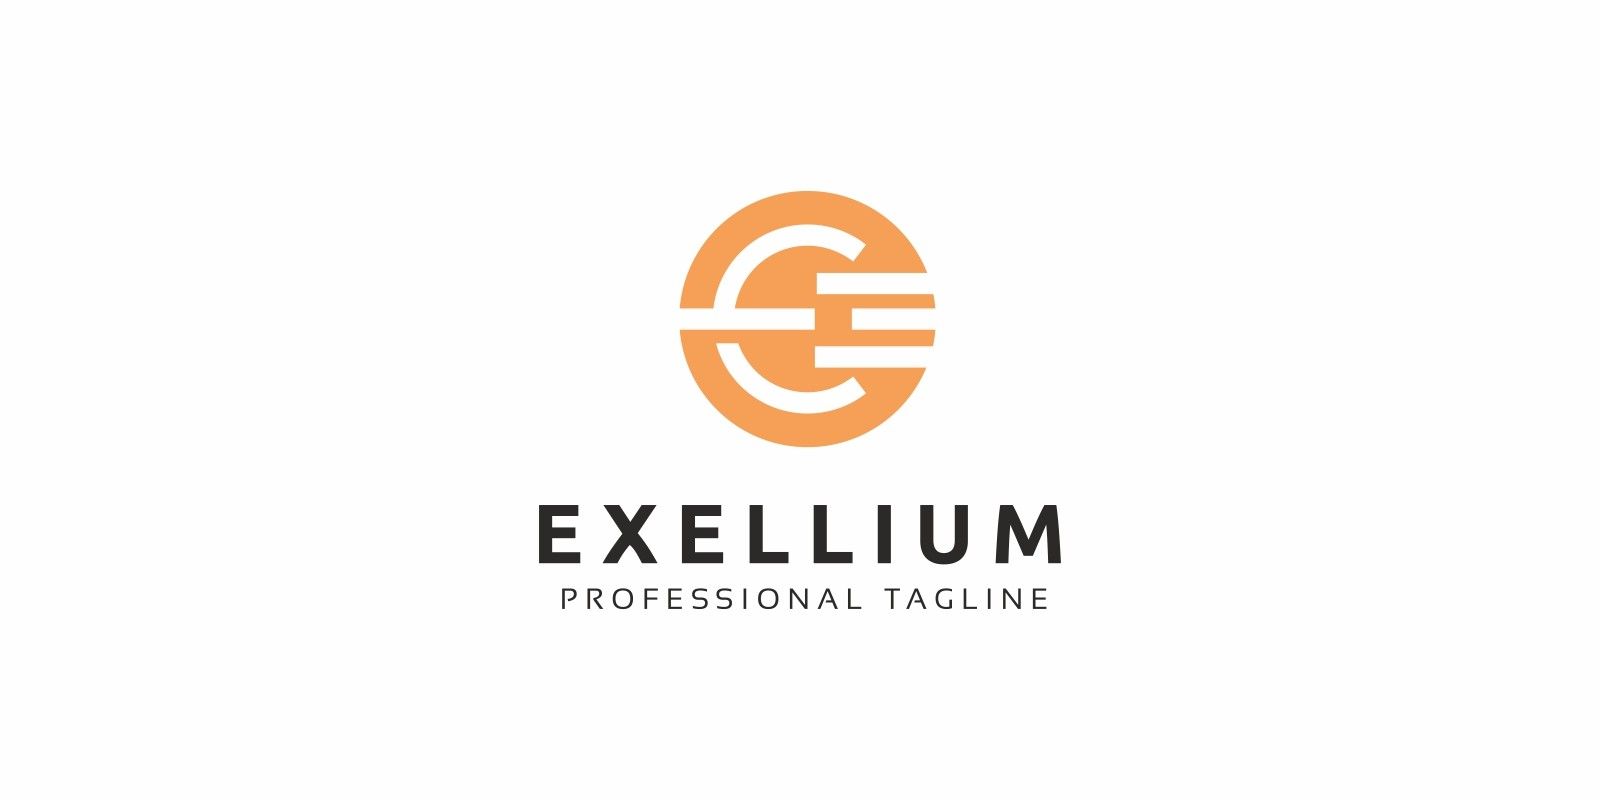 Exellium E Letter Logo